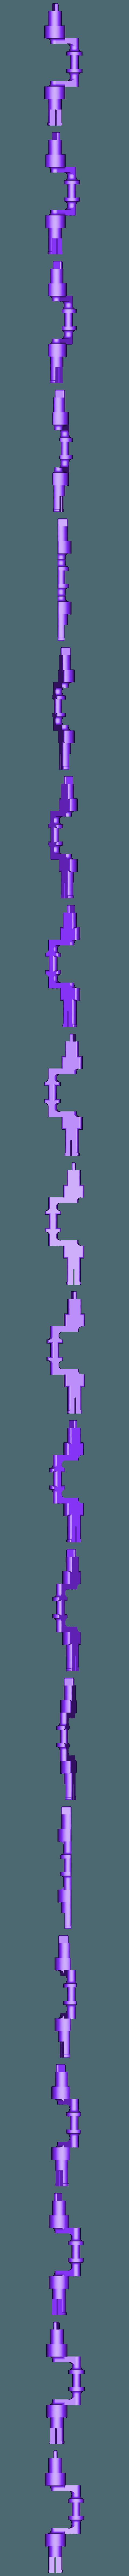 Crank_for_M5_Washer.stl Télécharger fichier STL gratuit Moteur pneumatique radial simple • Modèle pour imprimante 3D, Slava_Z